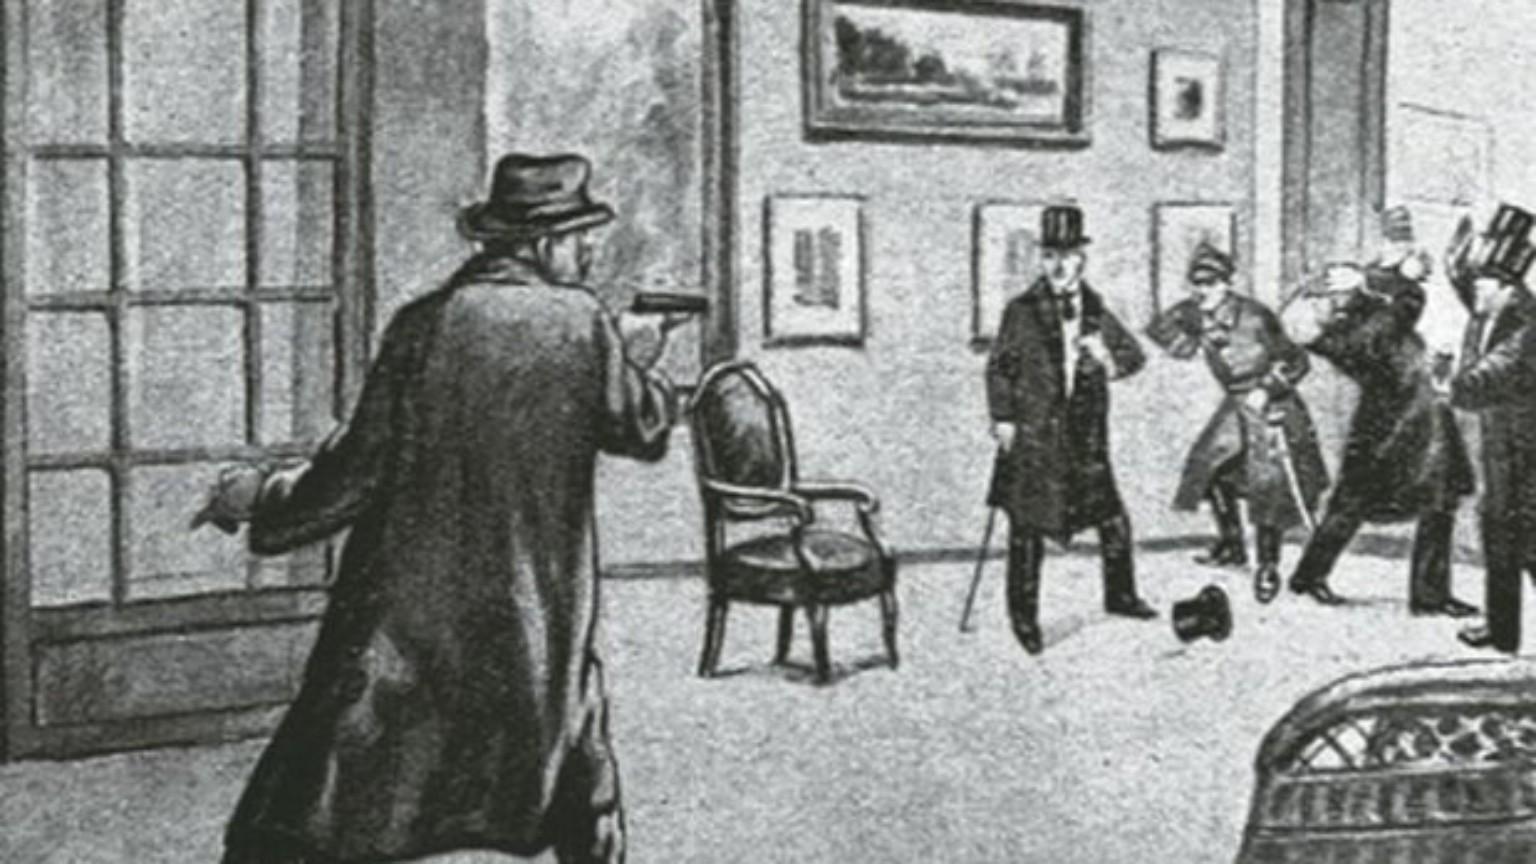 Zdjęcie dla kartki: Zabójstwo Narutowicza